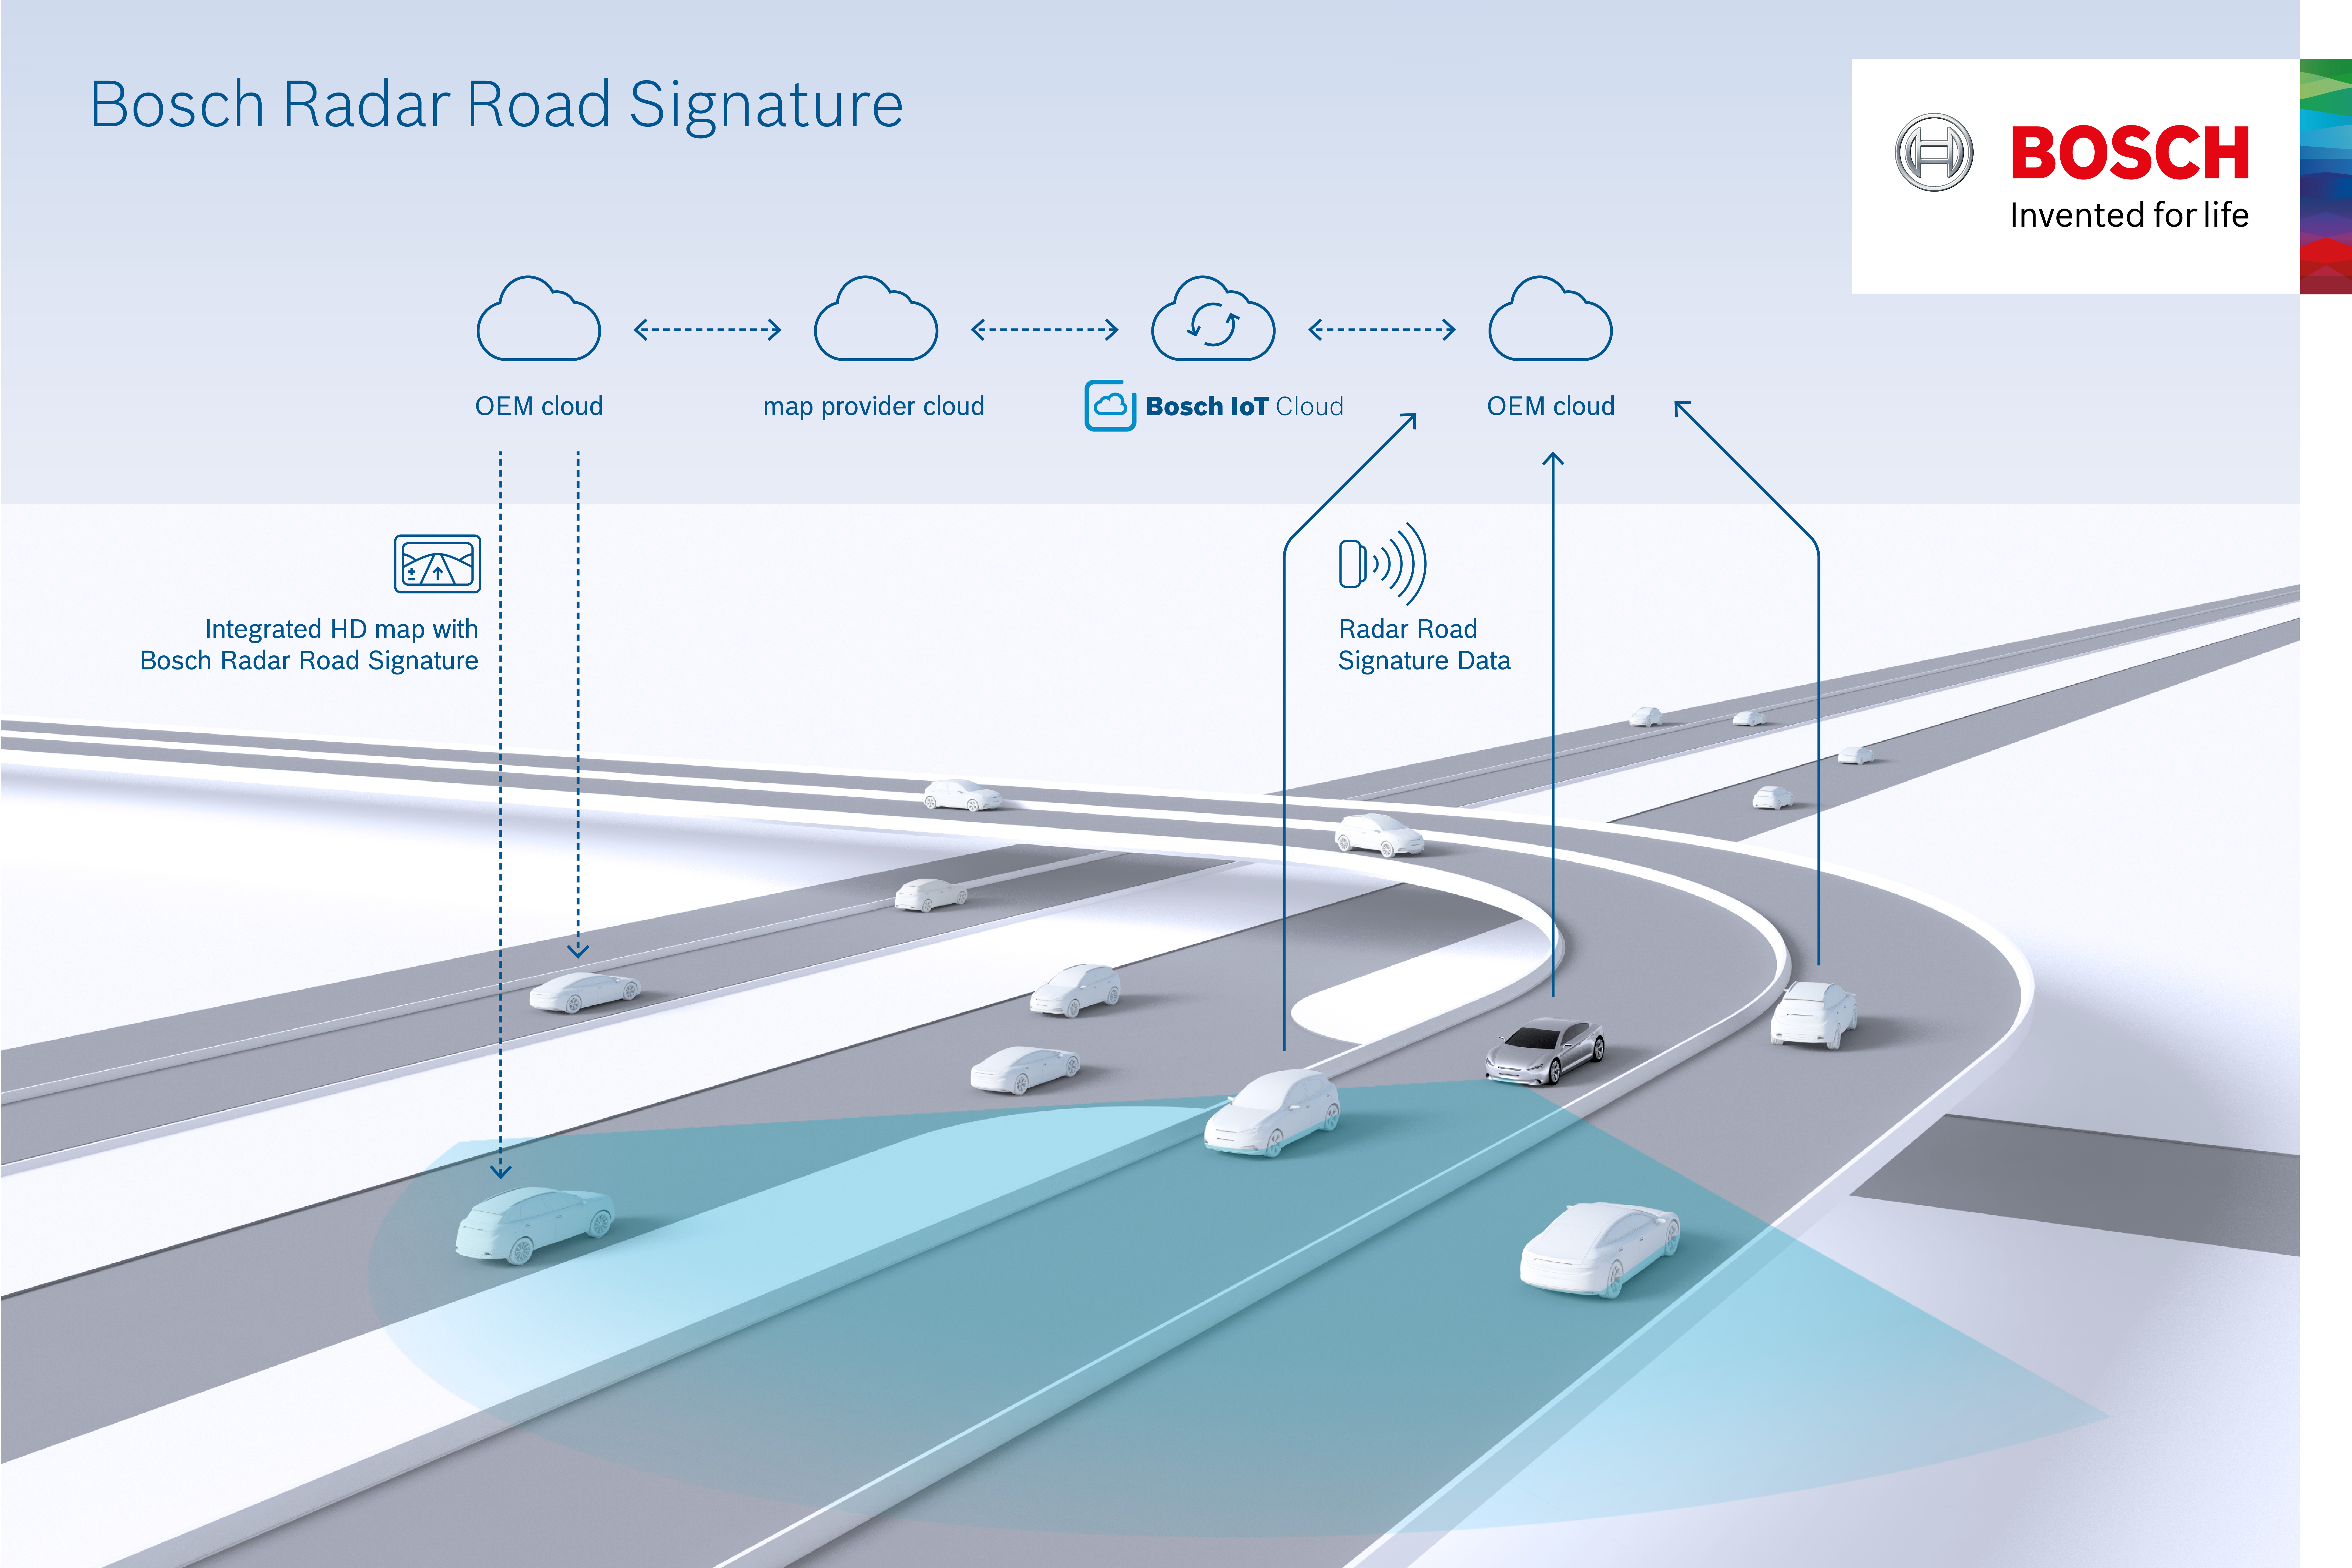 Radar Road Signature